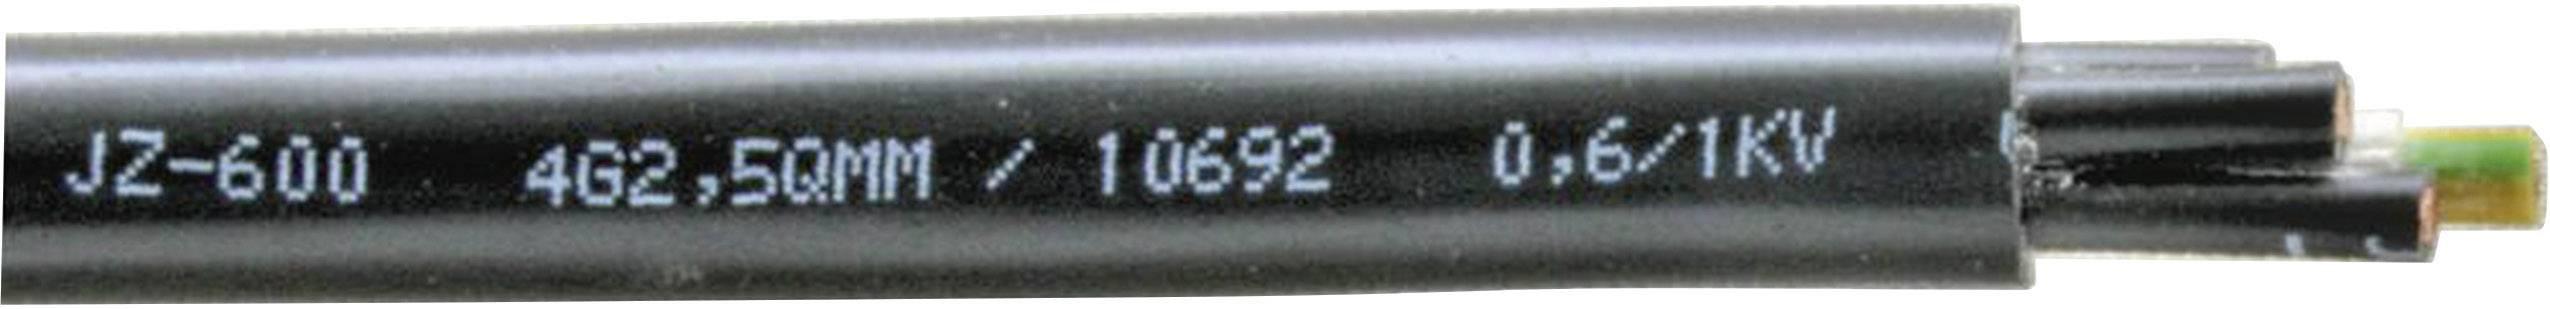 Riadiaci kábel Faber Kabel YSLY-OZ 600 033607, 2 x 1 mm², vonkajší Ø 8.60 mm, 1000 V, metrový tovar, čierna